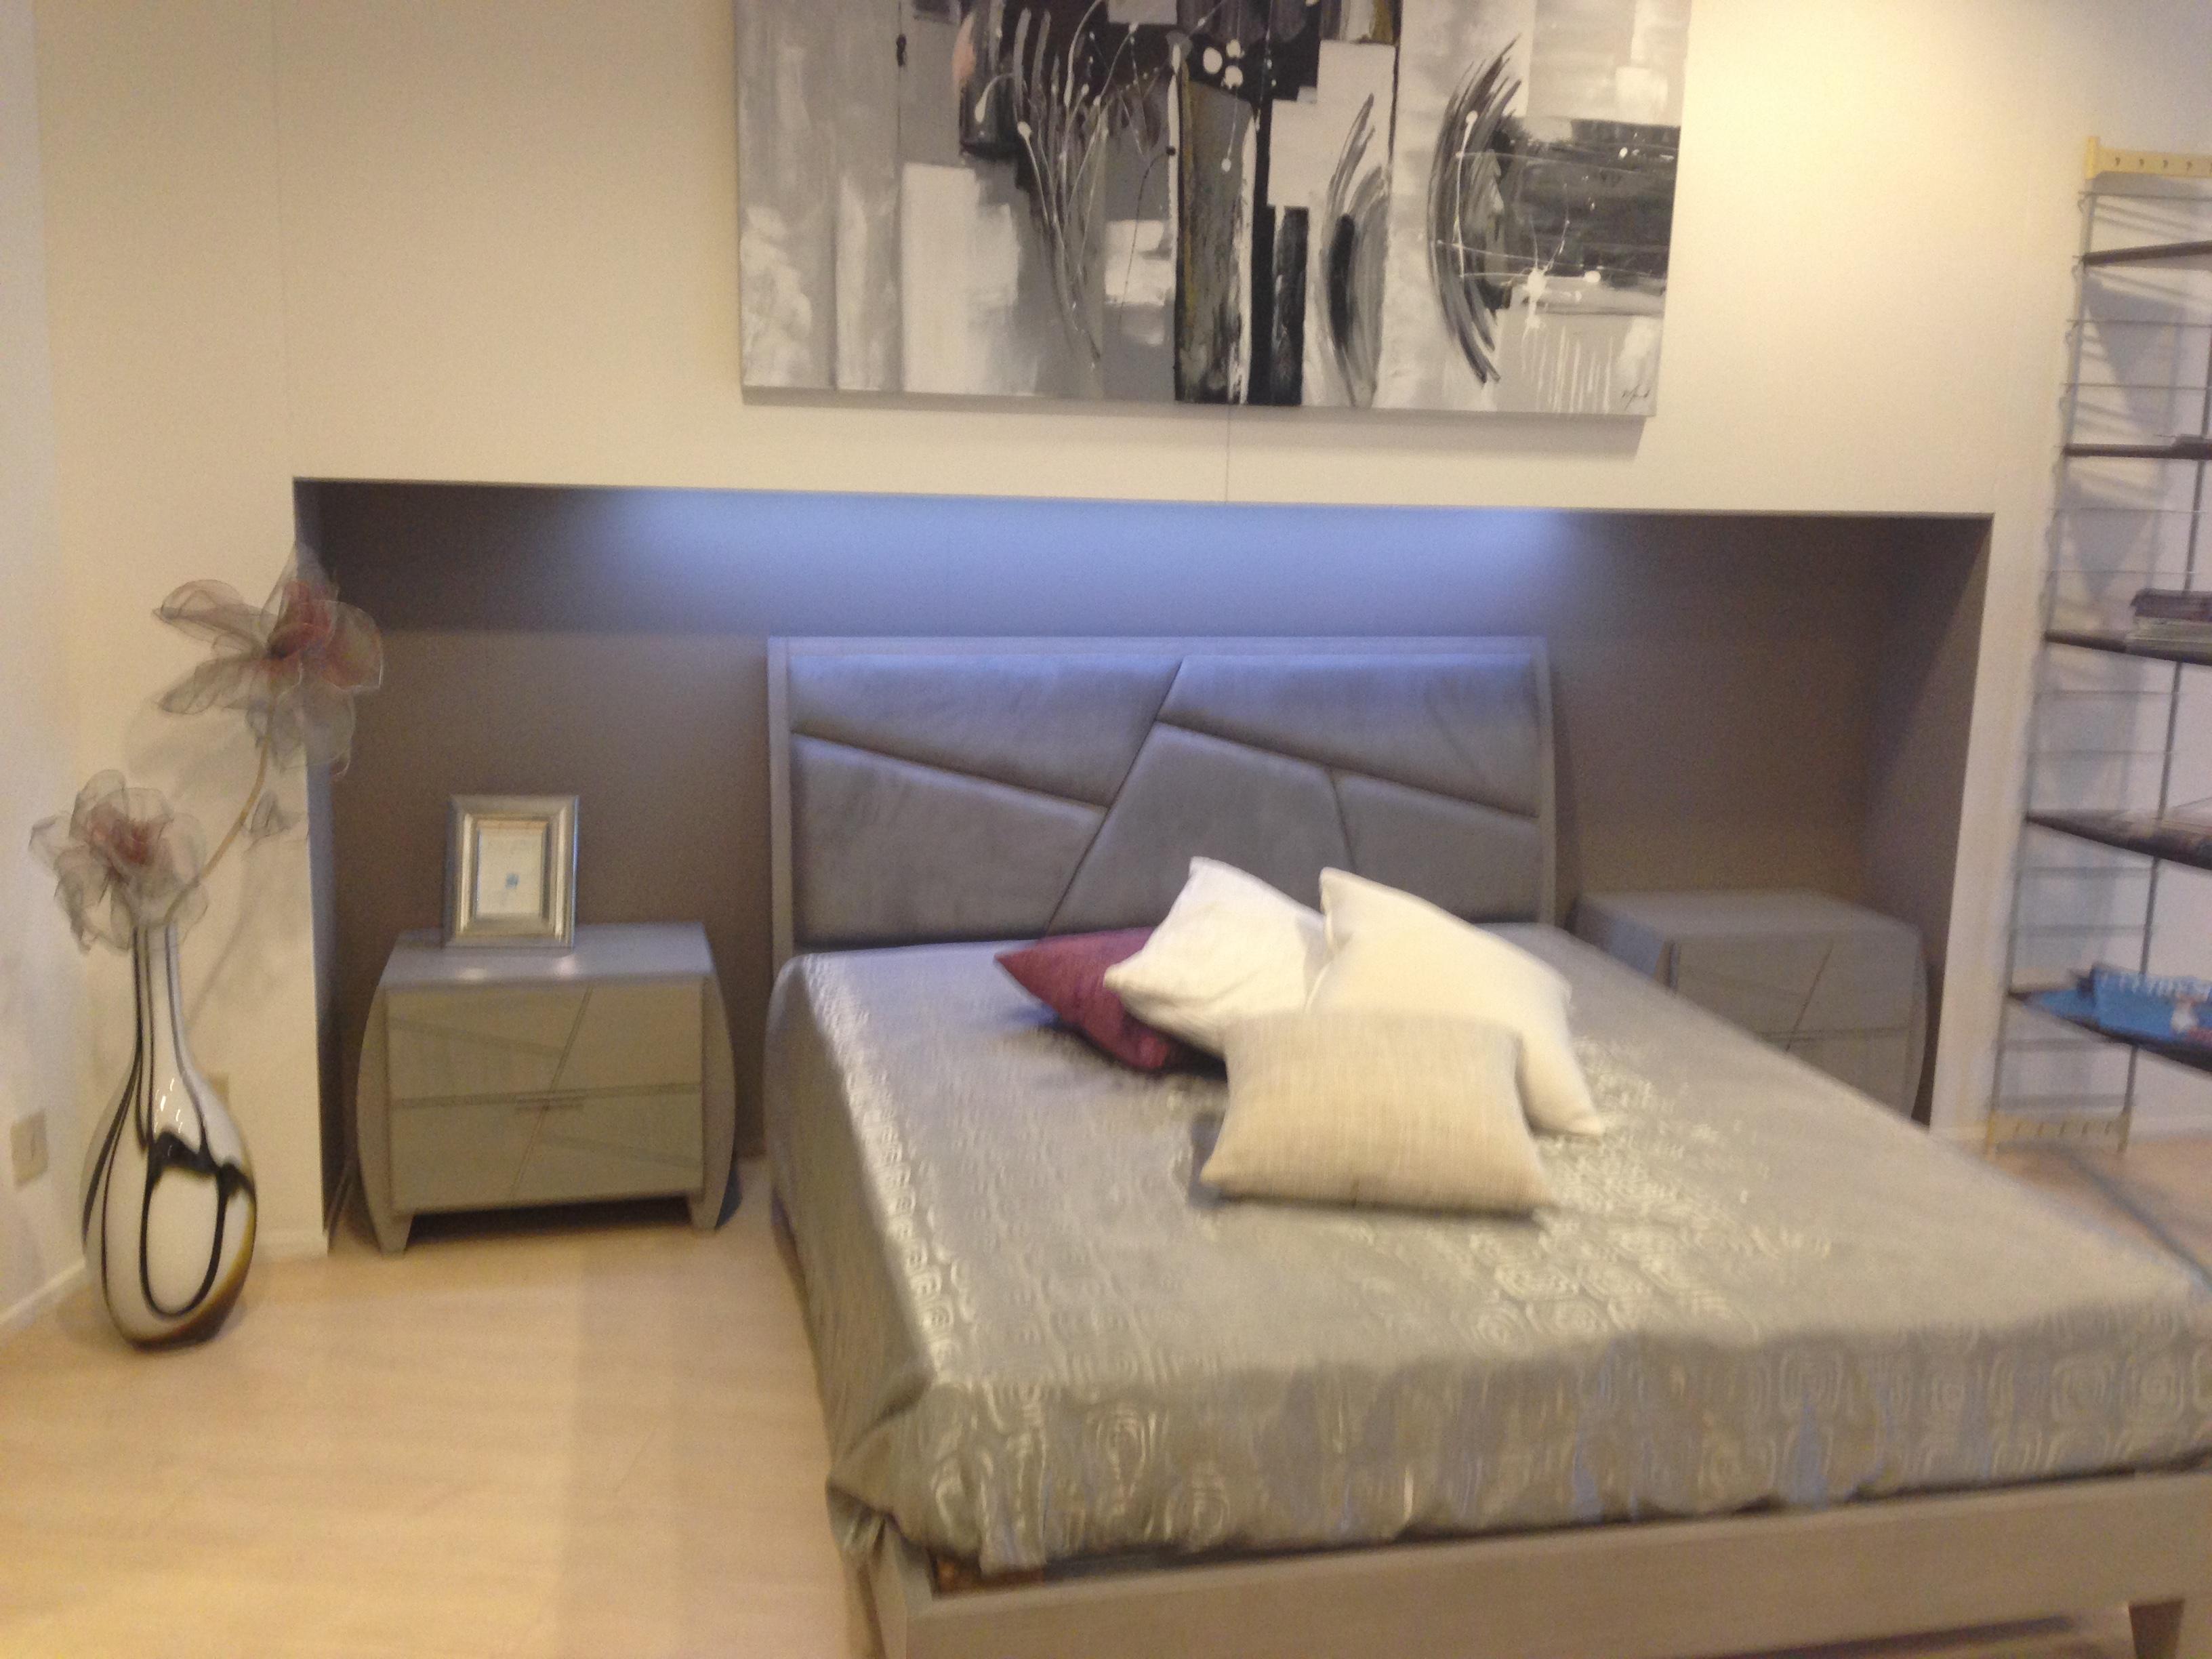 Esclusiva web studio casa group for Modo10 decor prezzi